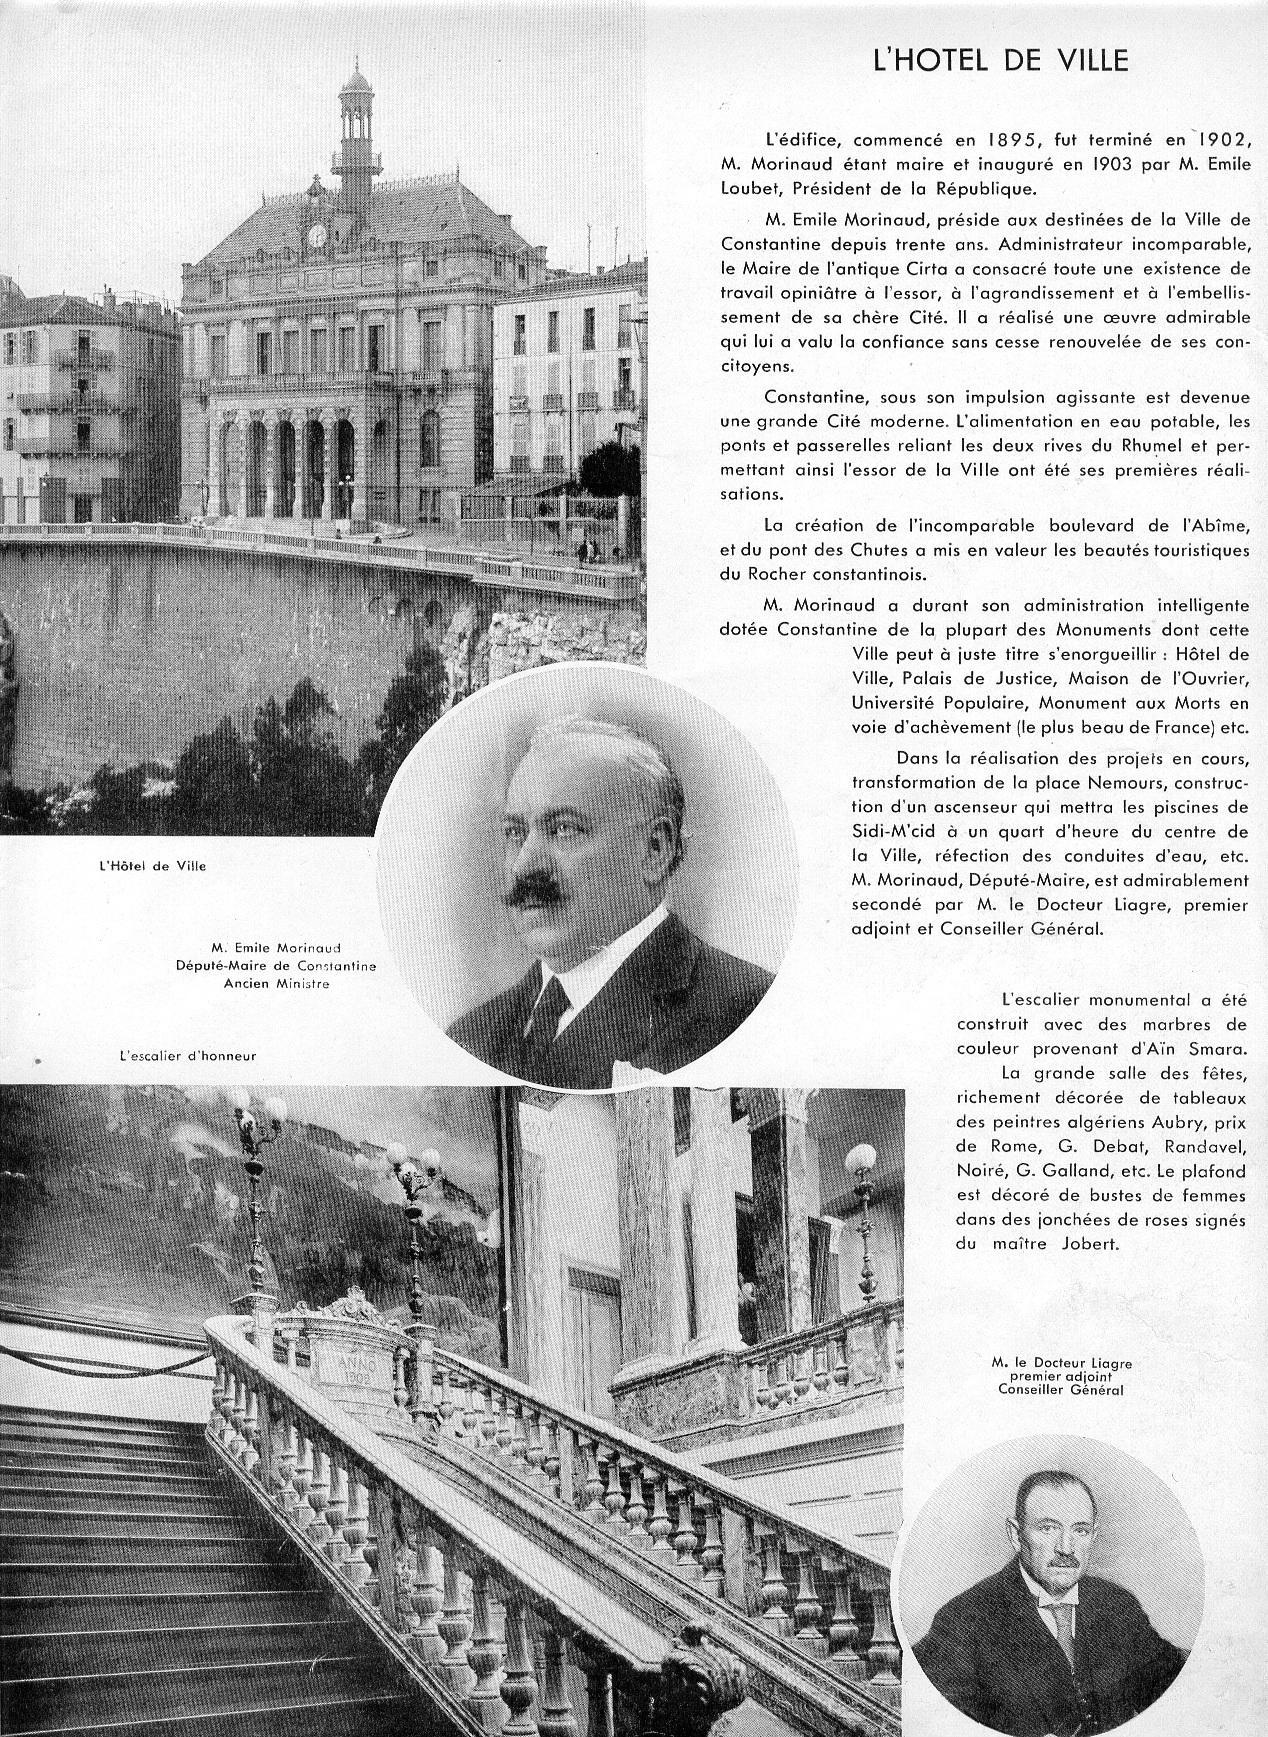 Revue de 1934 for Revue de www houseplans com